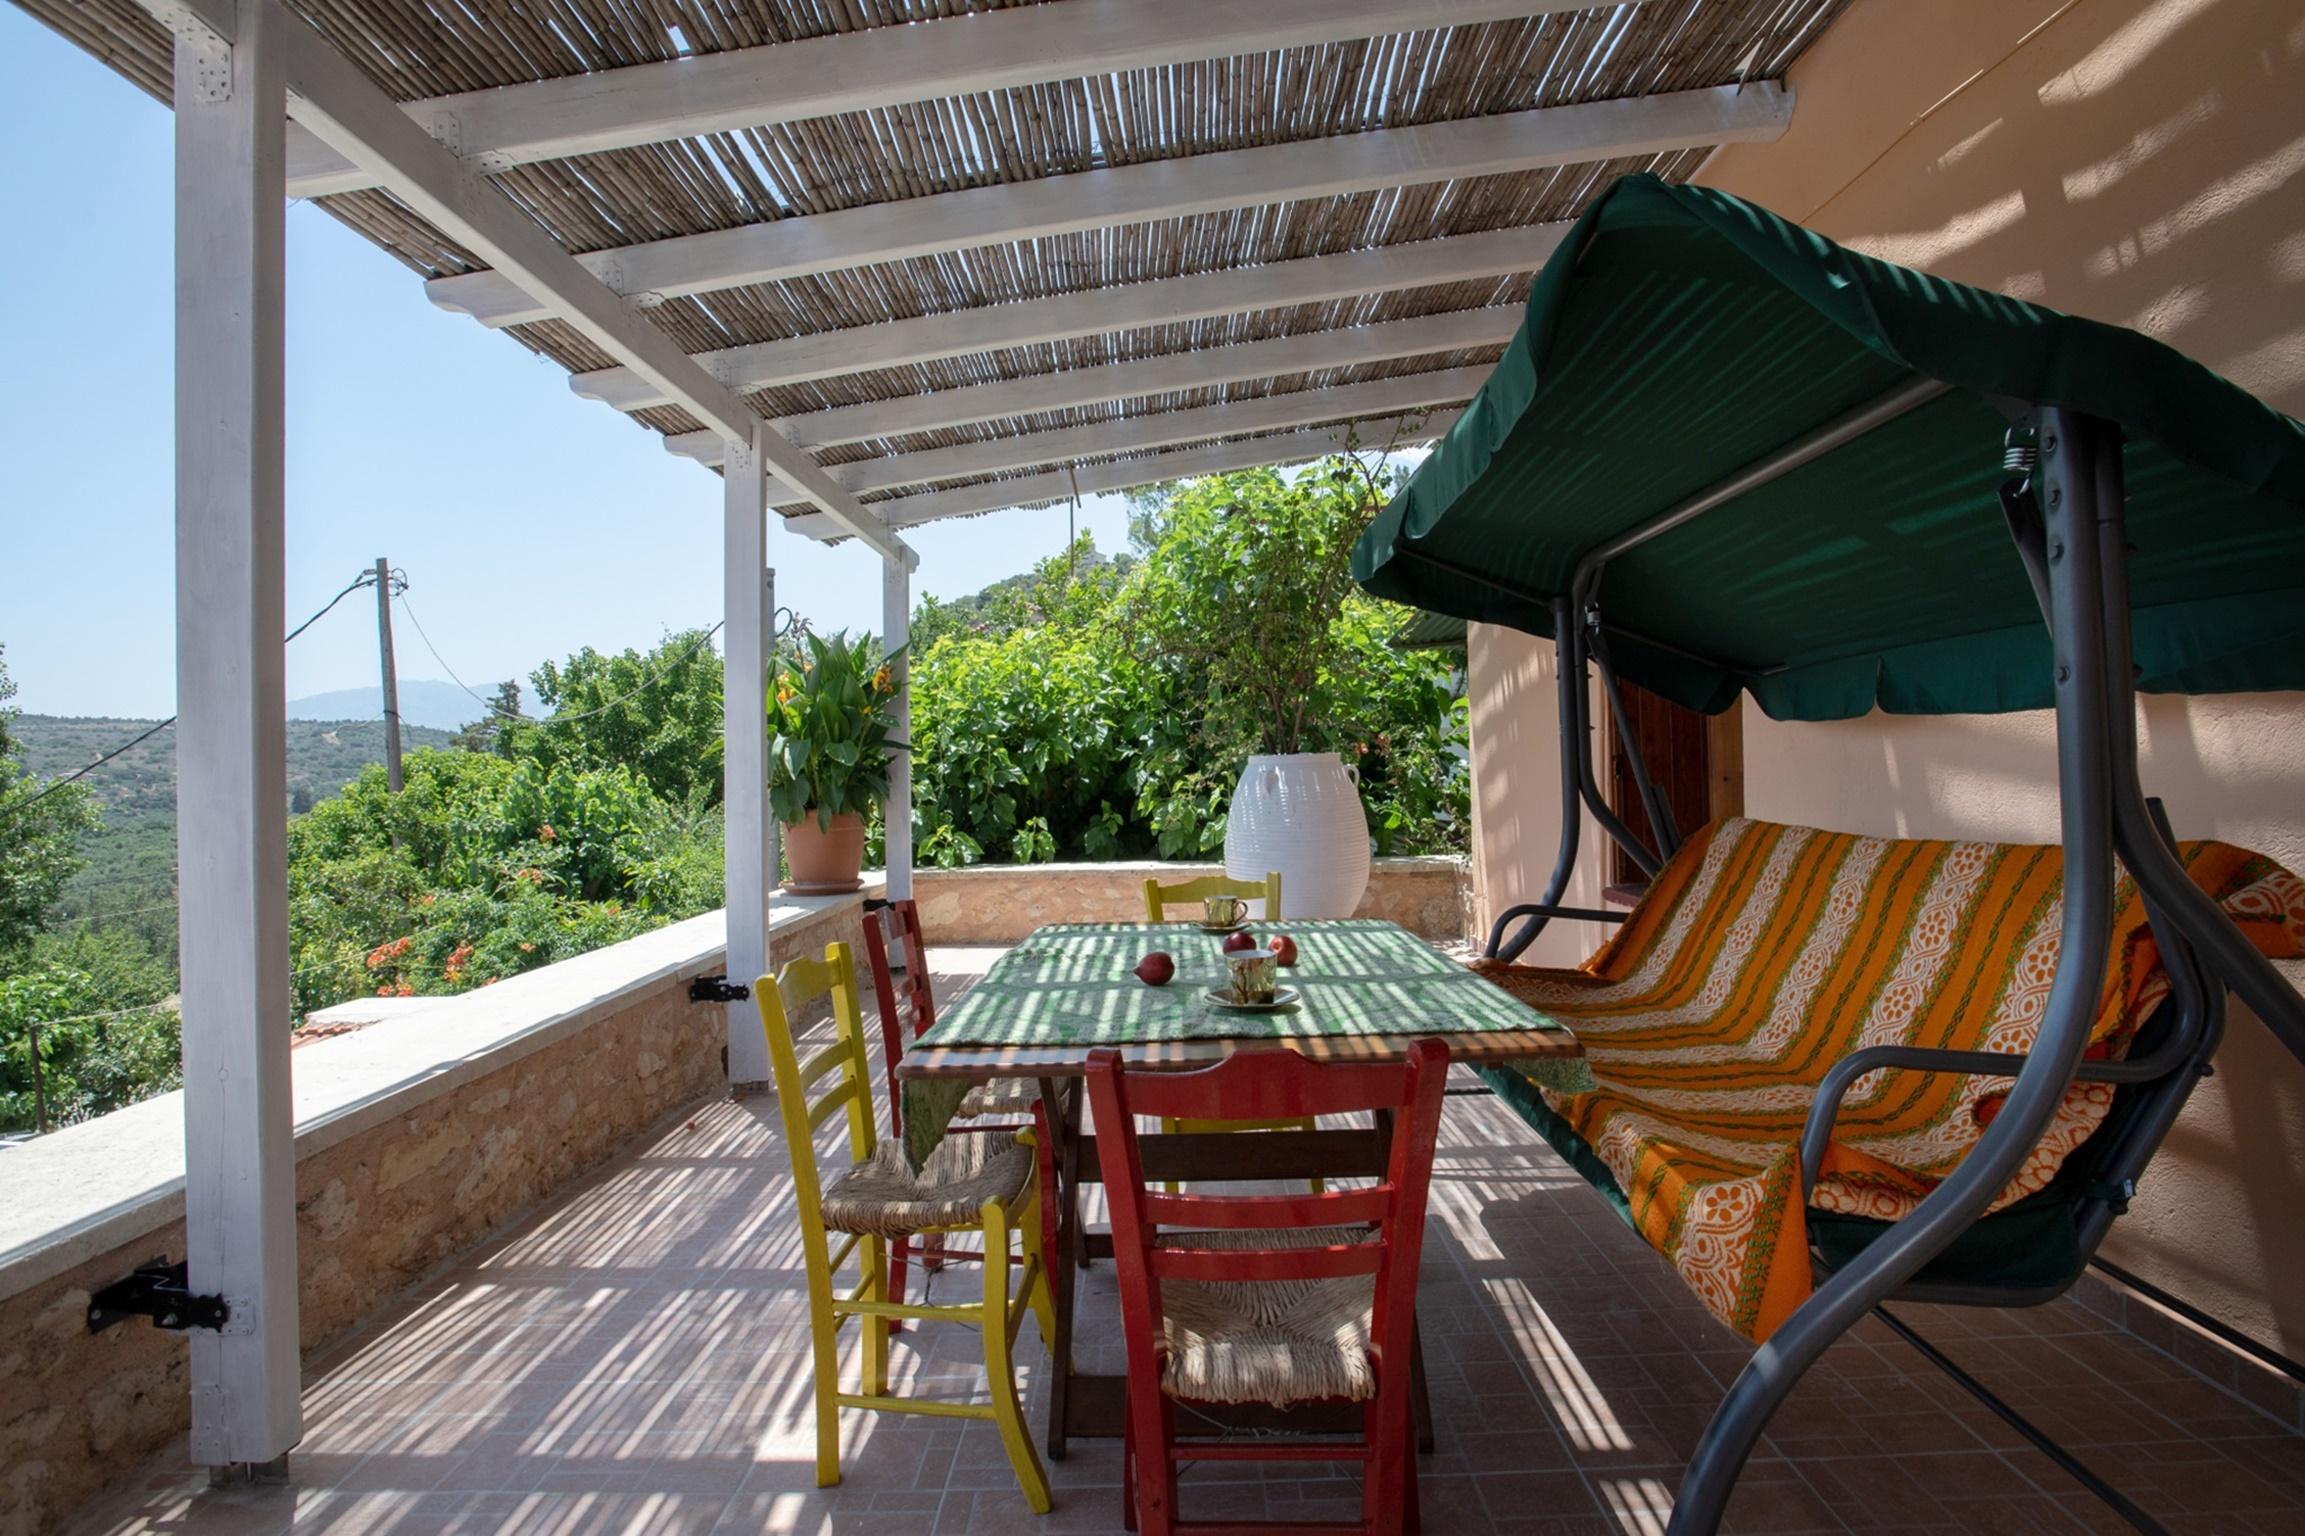 Ferienhaus Haus und Studio annektiert - Ideal groe Familien - kleines Dorf, nahe Strnde (2598996), Neon Khorion Kriti, Kreta Nordküste, Kreta, Griechenland, Bild 16